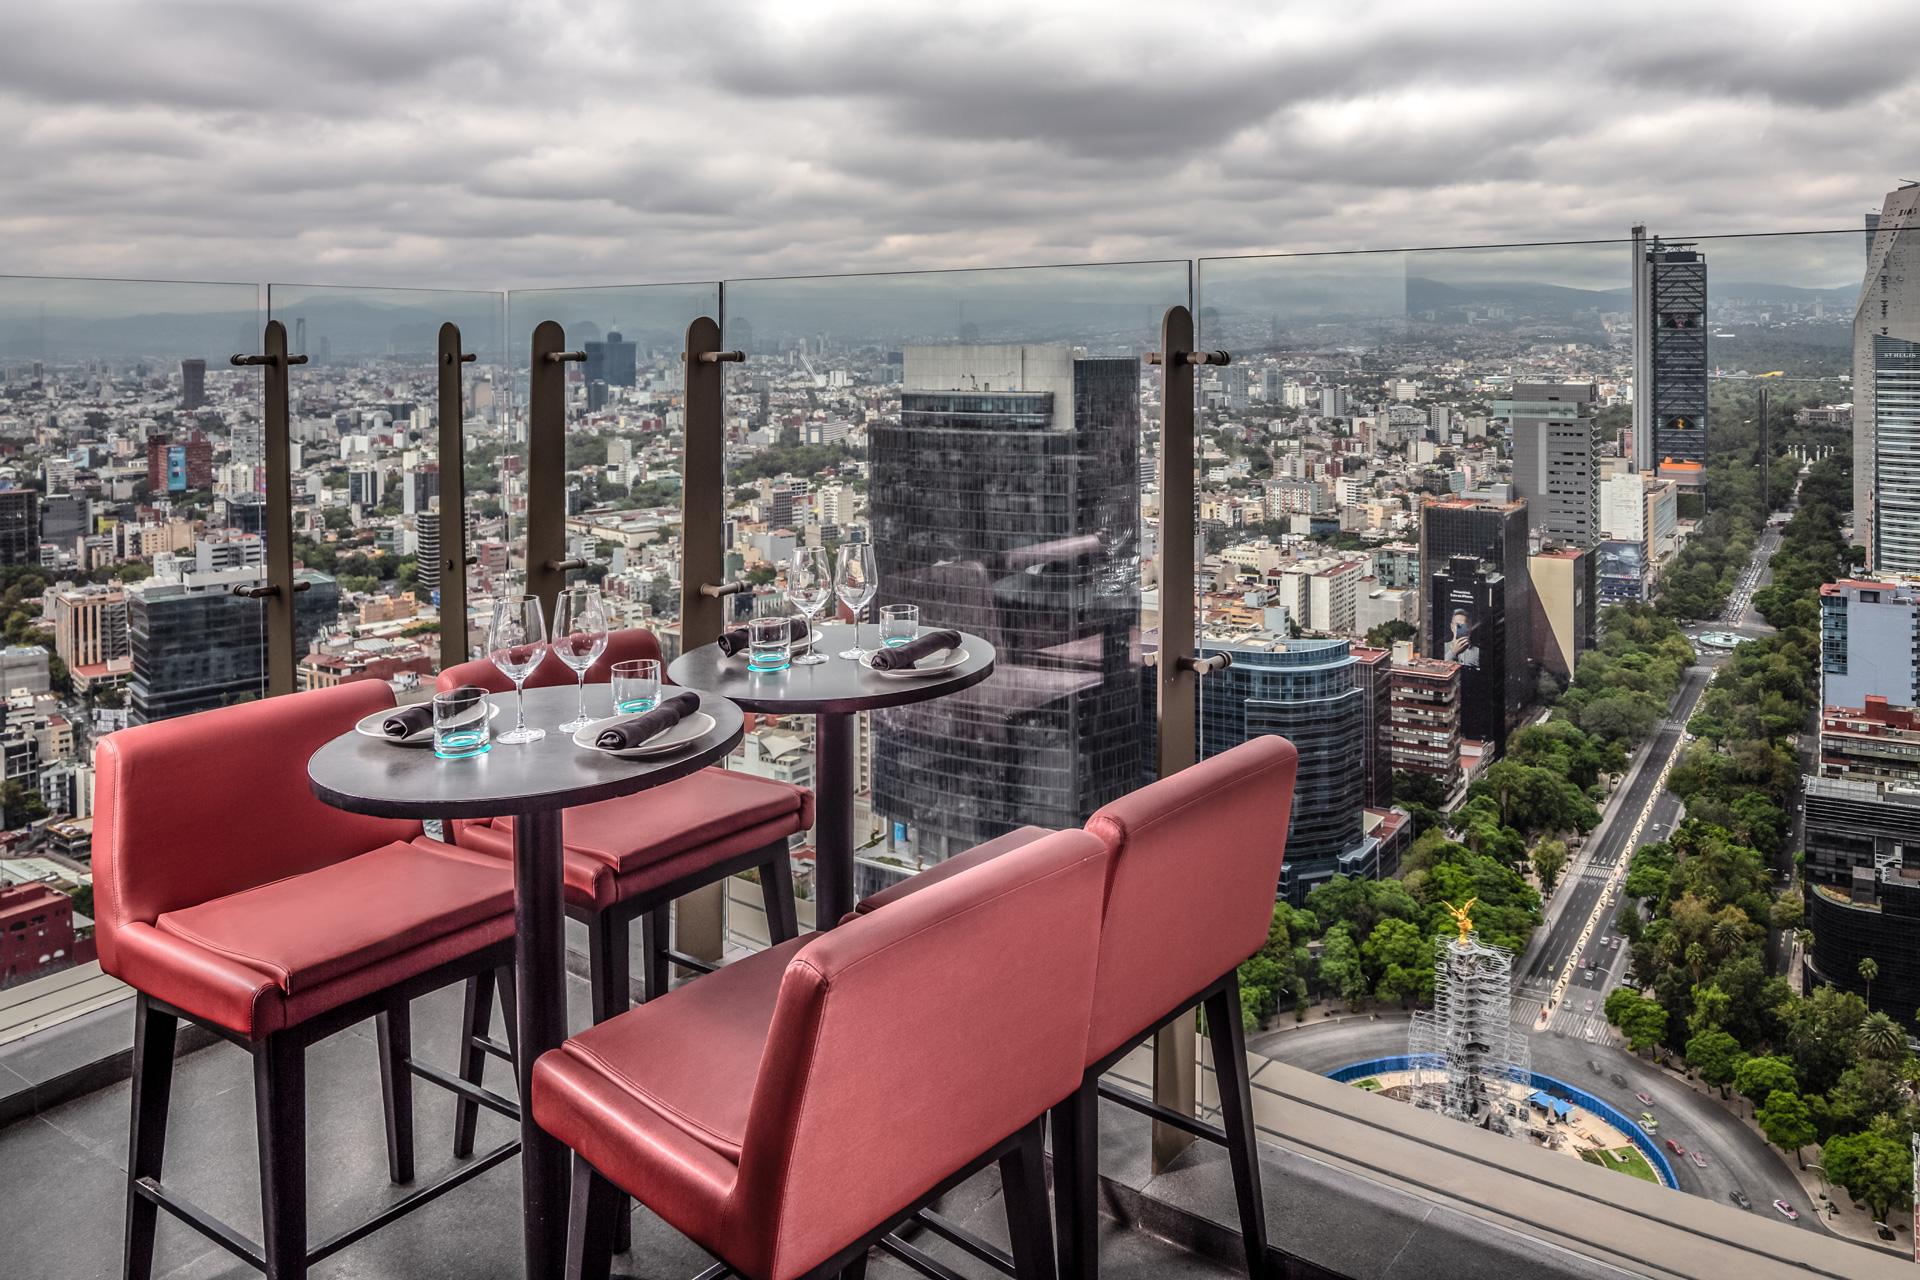 CityZen Sofitel Mexico City, una de las terrazas para celebrar El Grito